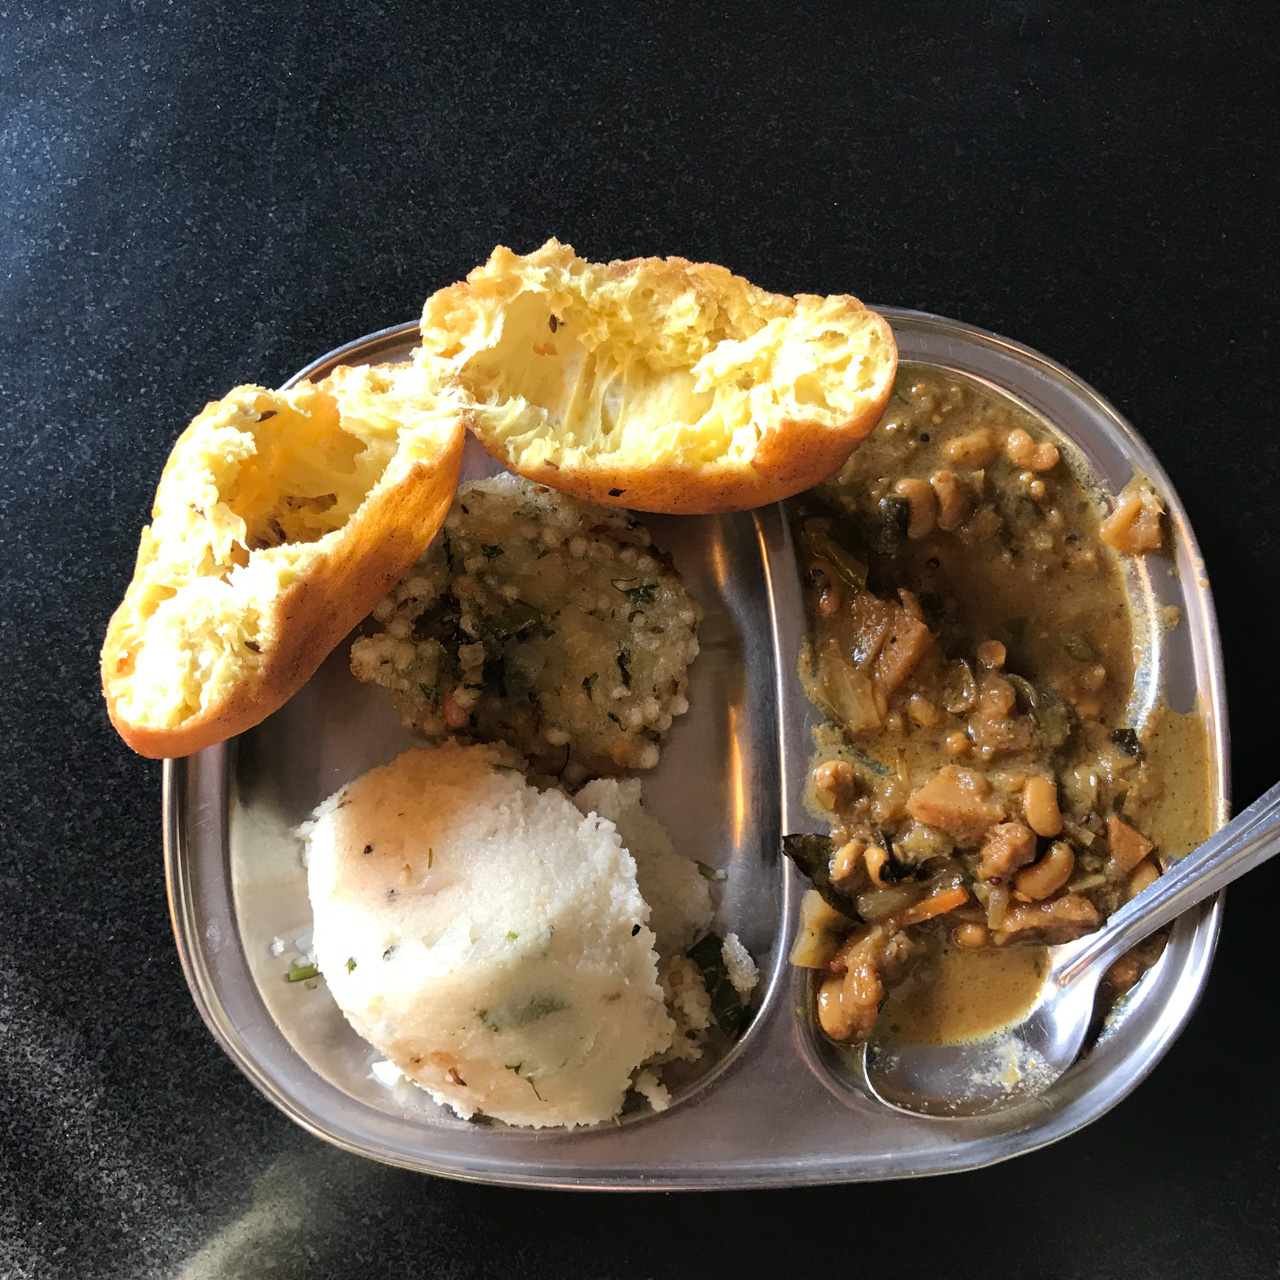 インド・ゴア州Madgao駅食堂で食べたパンの中身